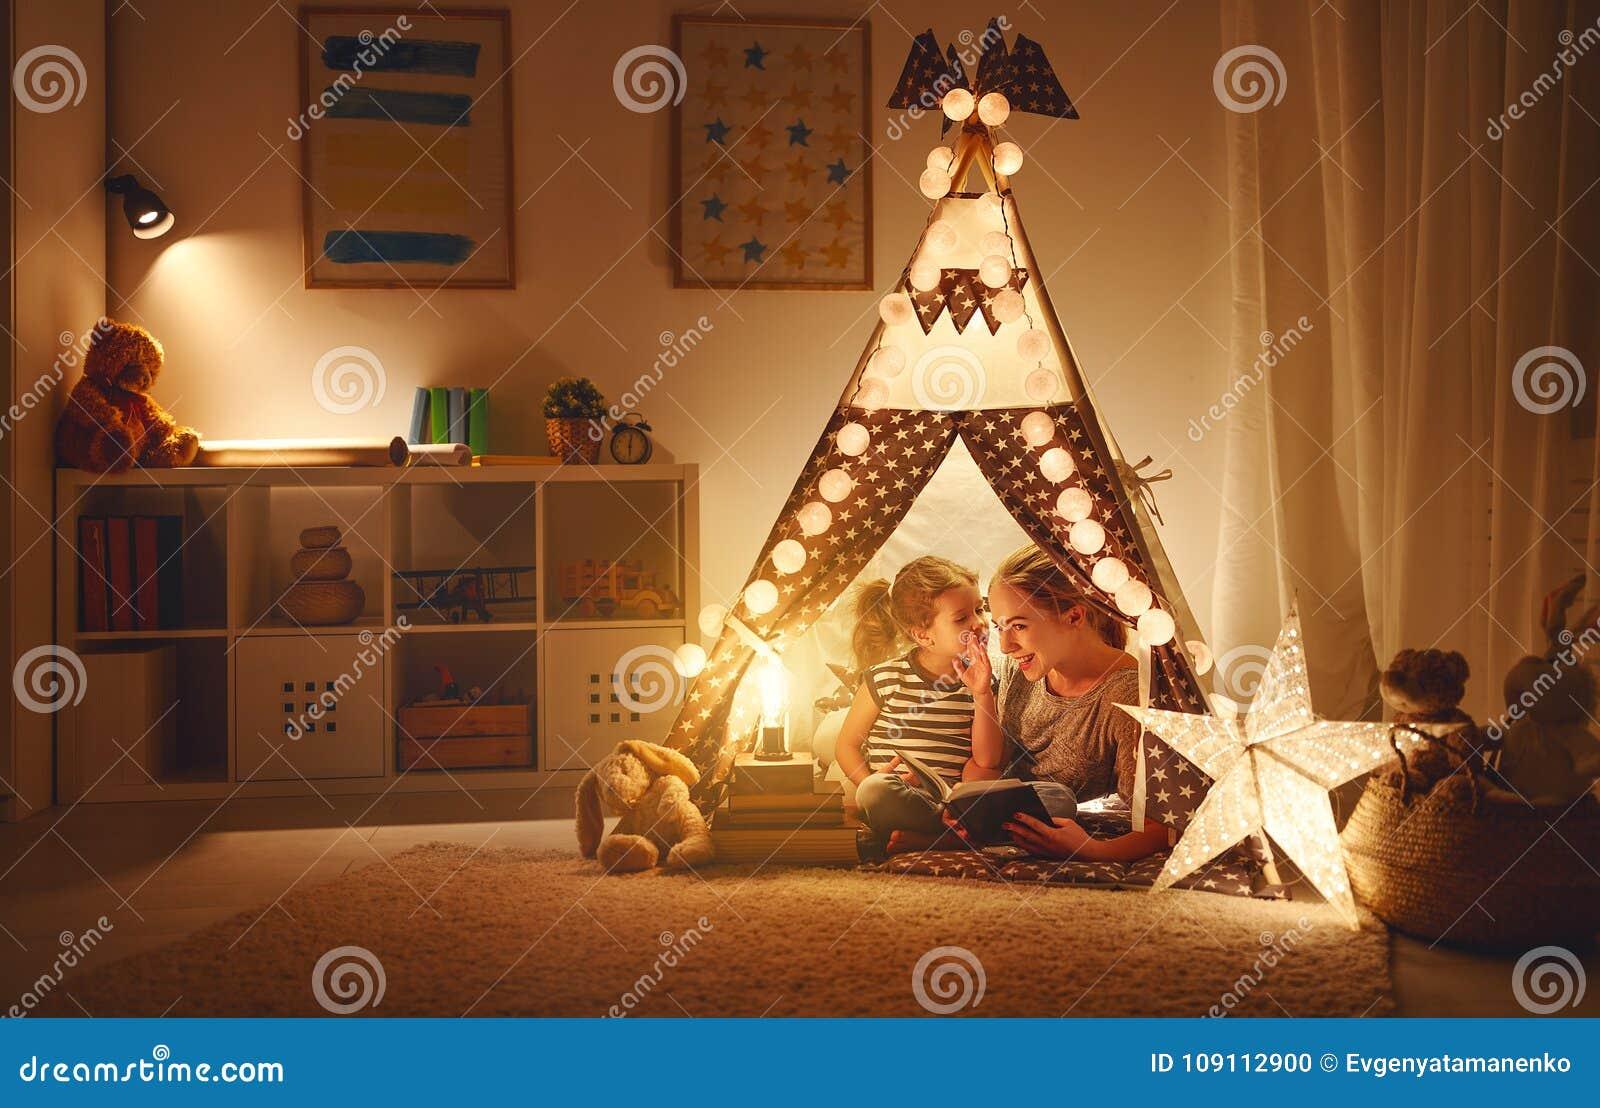 Moeder en kind de dochter met een boek en een flitslicht vóór gaan